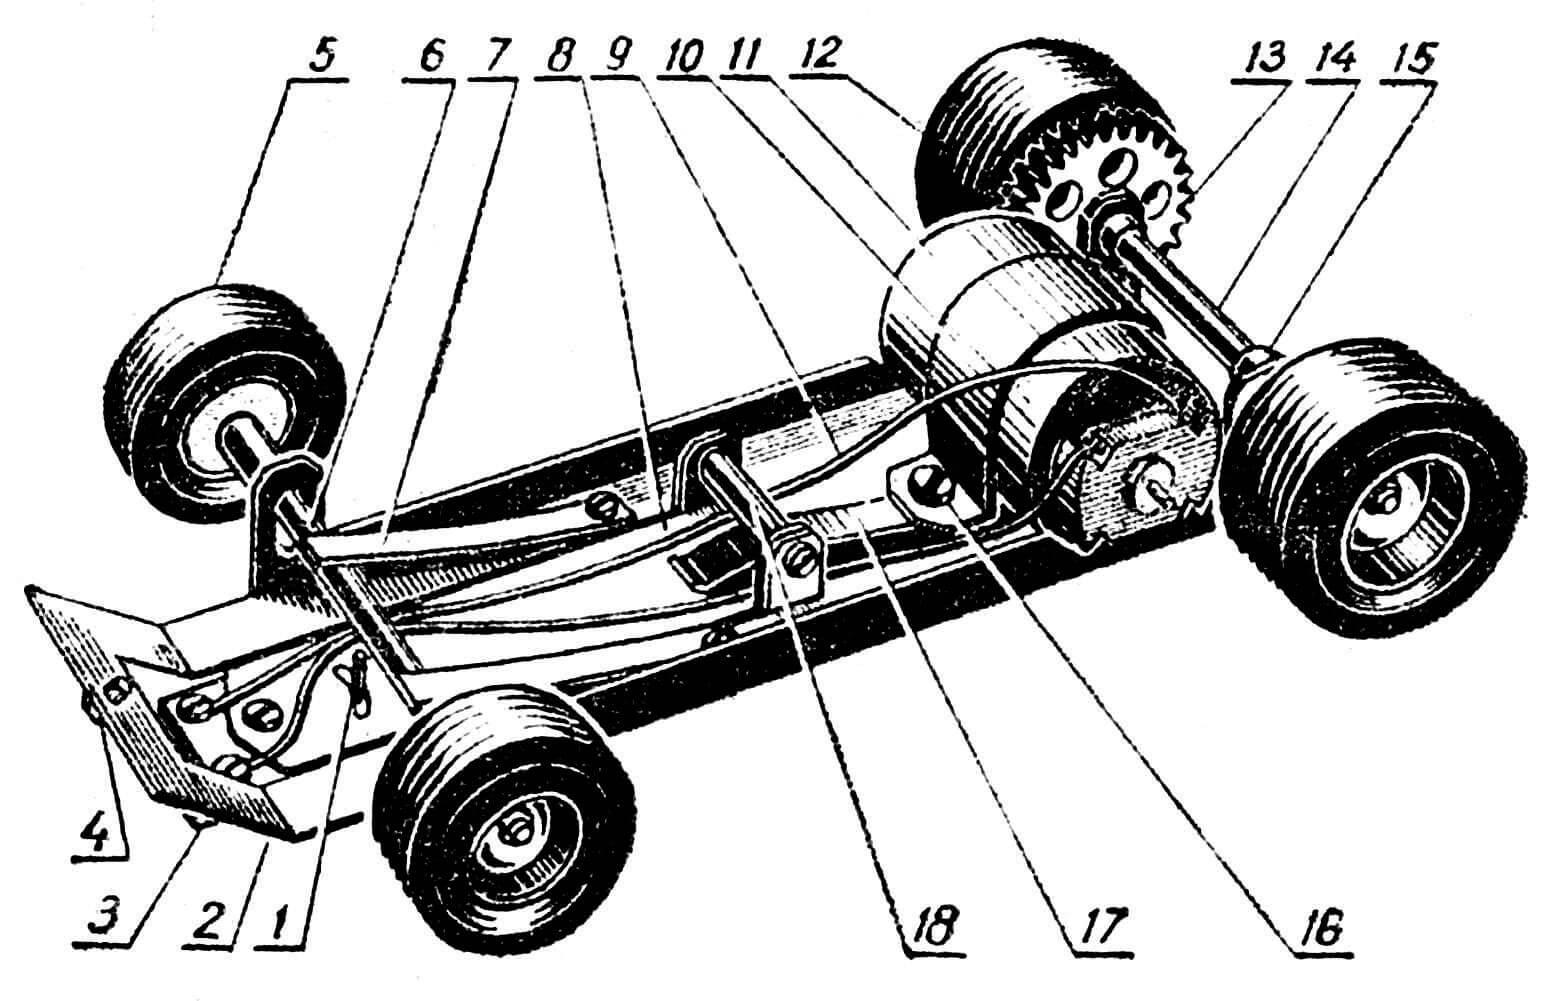 Рис. 2. Шасси: 1 — упор; 2 — рама; 3 — направляющий рычаг; 4 — винт крепления кузова к шасси; 5 — переднее колесо; 6 — ось переднего моста; 7 — рессора; 8 — качающийся рычаг токосъемника; 9 — электрические провода; 10 — хомутик крепления микроэлектродвигателя; 11 — микроэлектродвигатель; 12 — ведущее колесо; 13 — силовая передача; 14 — ведущая ось; 15 — подшипник; 16 — винт крепления хомутика и пружины токосъемника; 17 — пружина токосъемника; 18 — ось качающегося рычага с распорной втулкой.